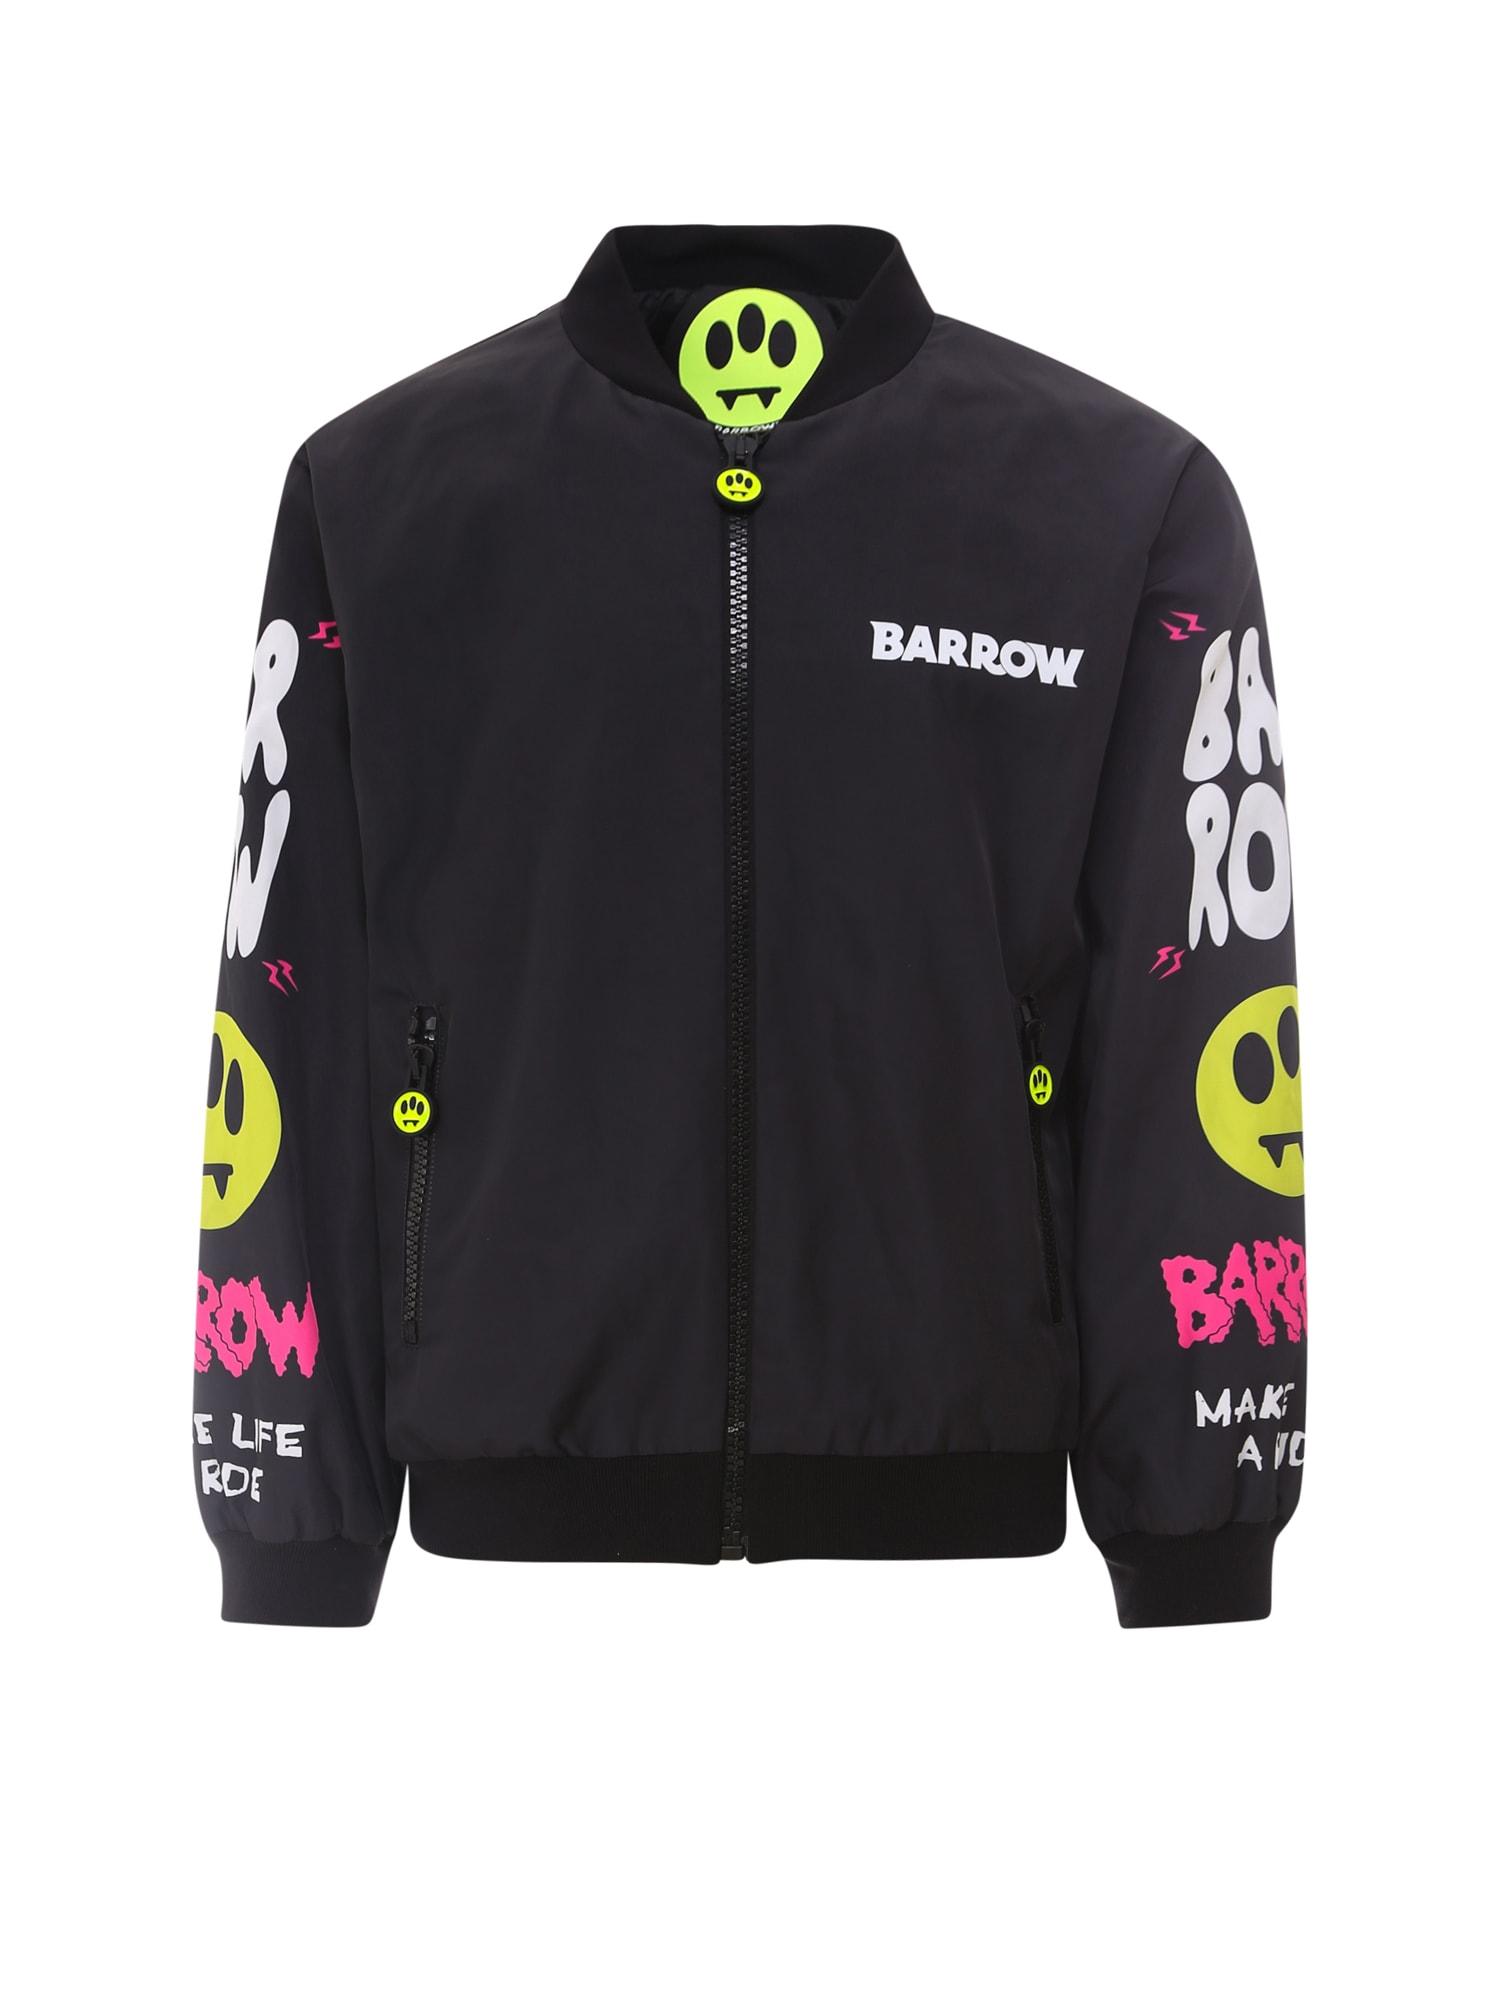 Barrow Jacket